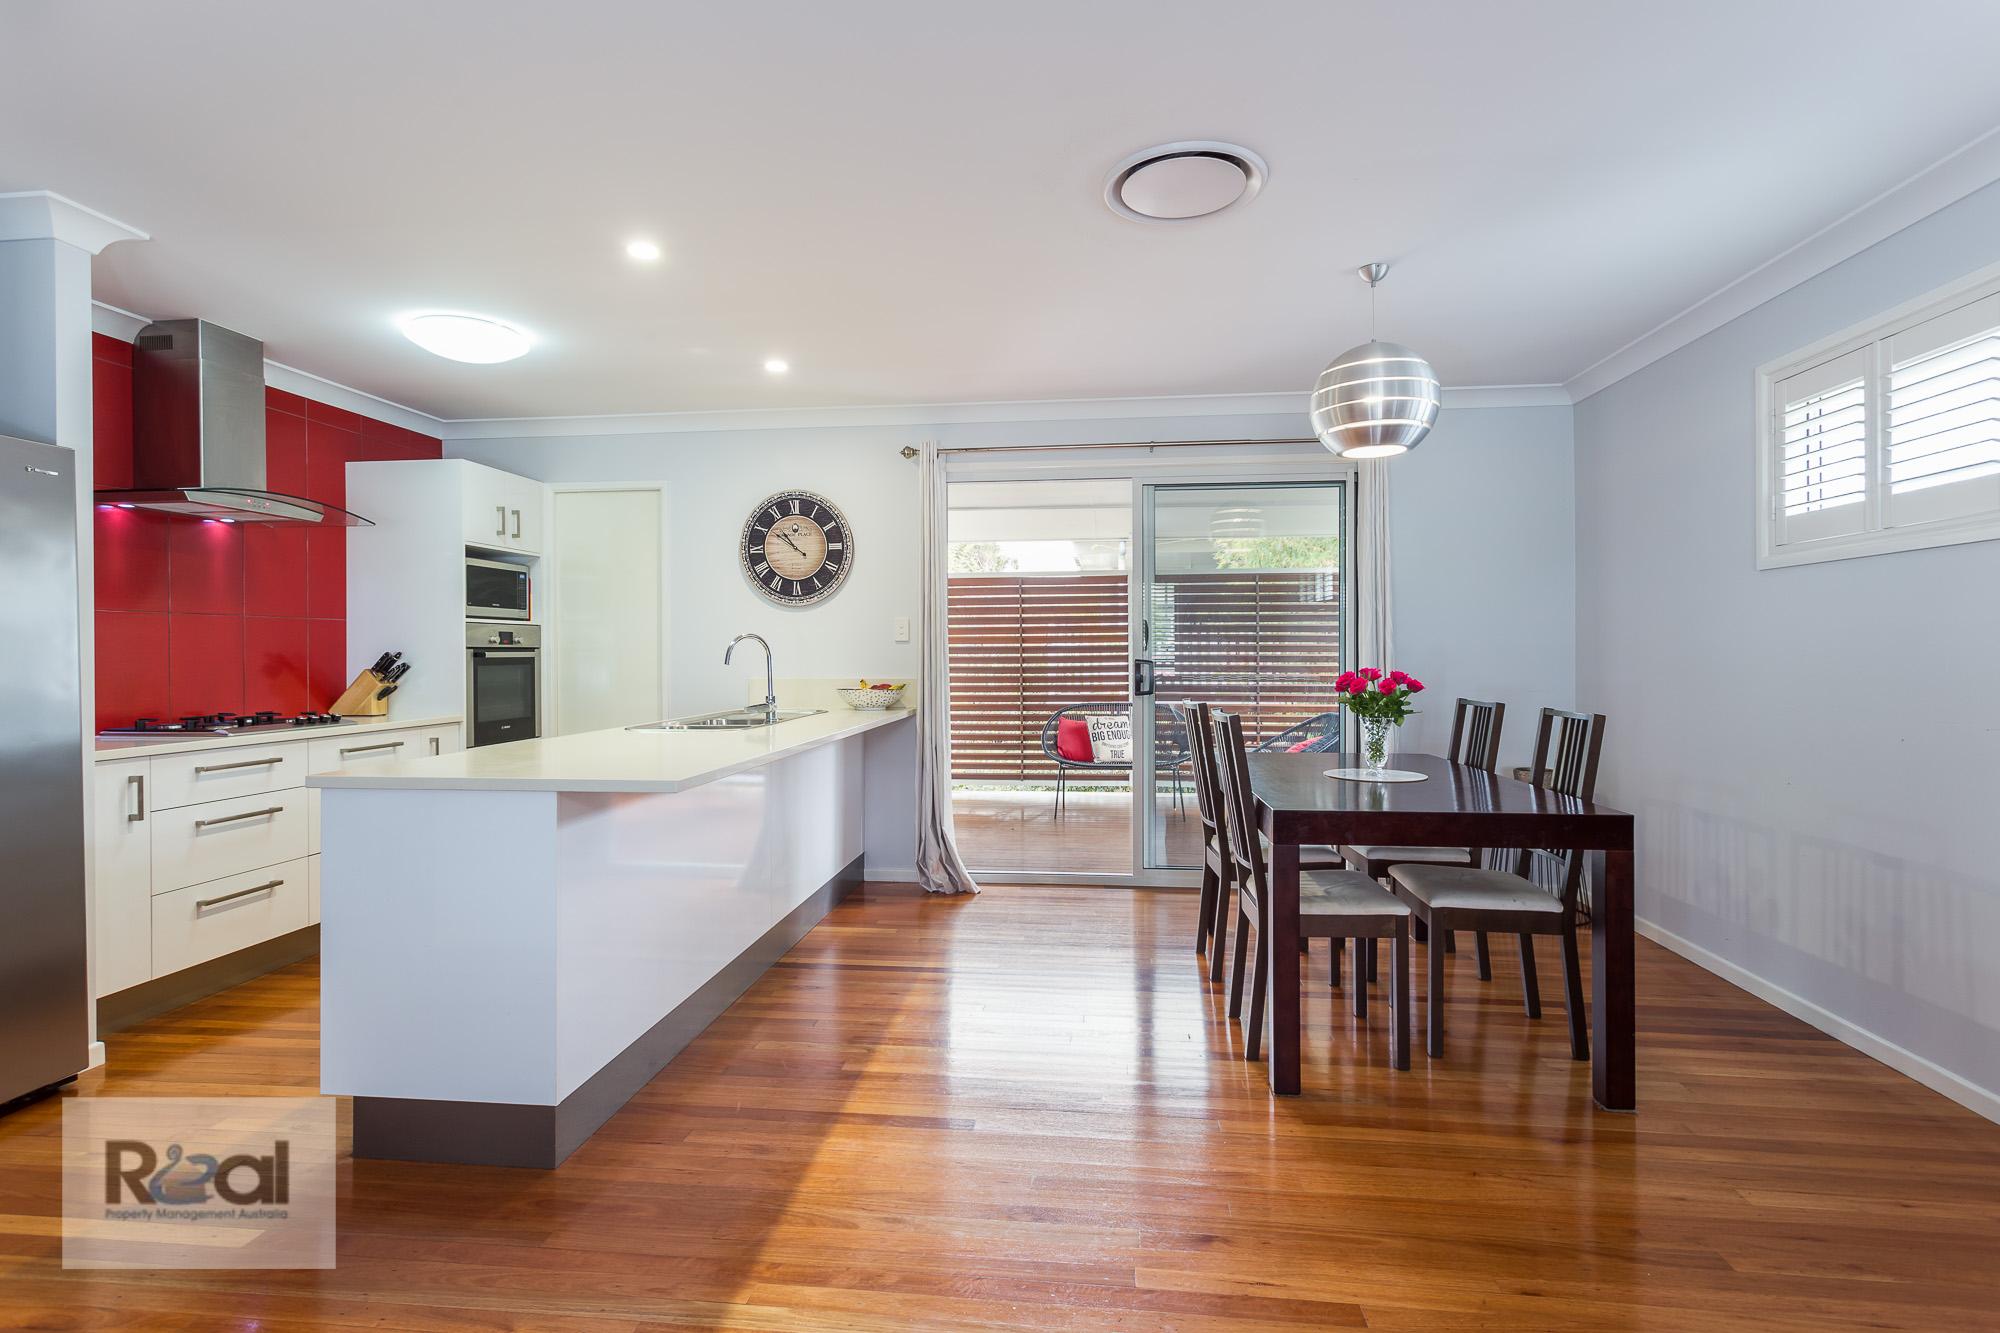 Rpm Property Rentals